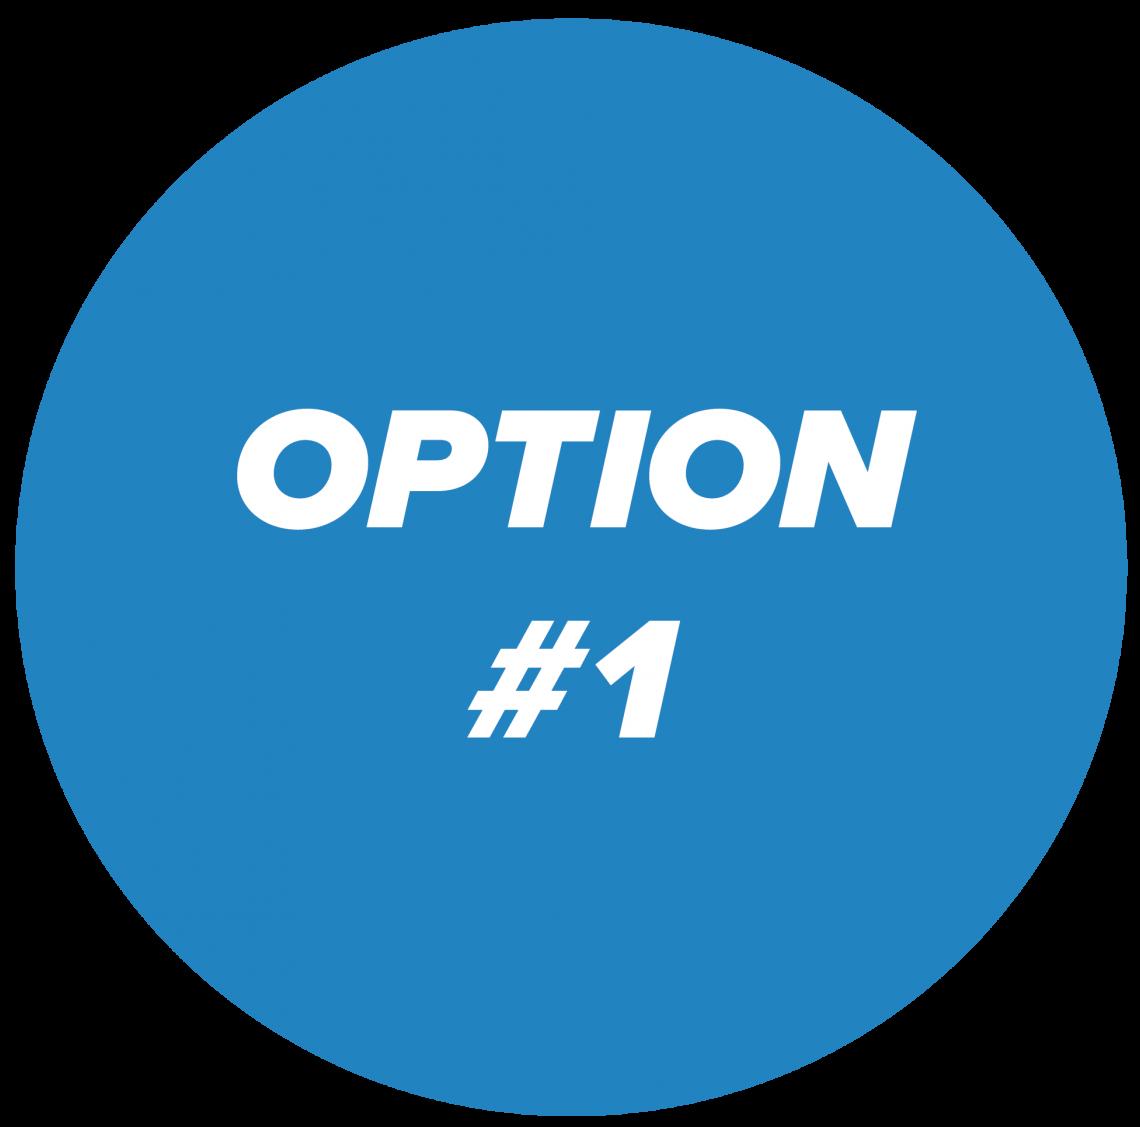 option #1